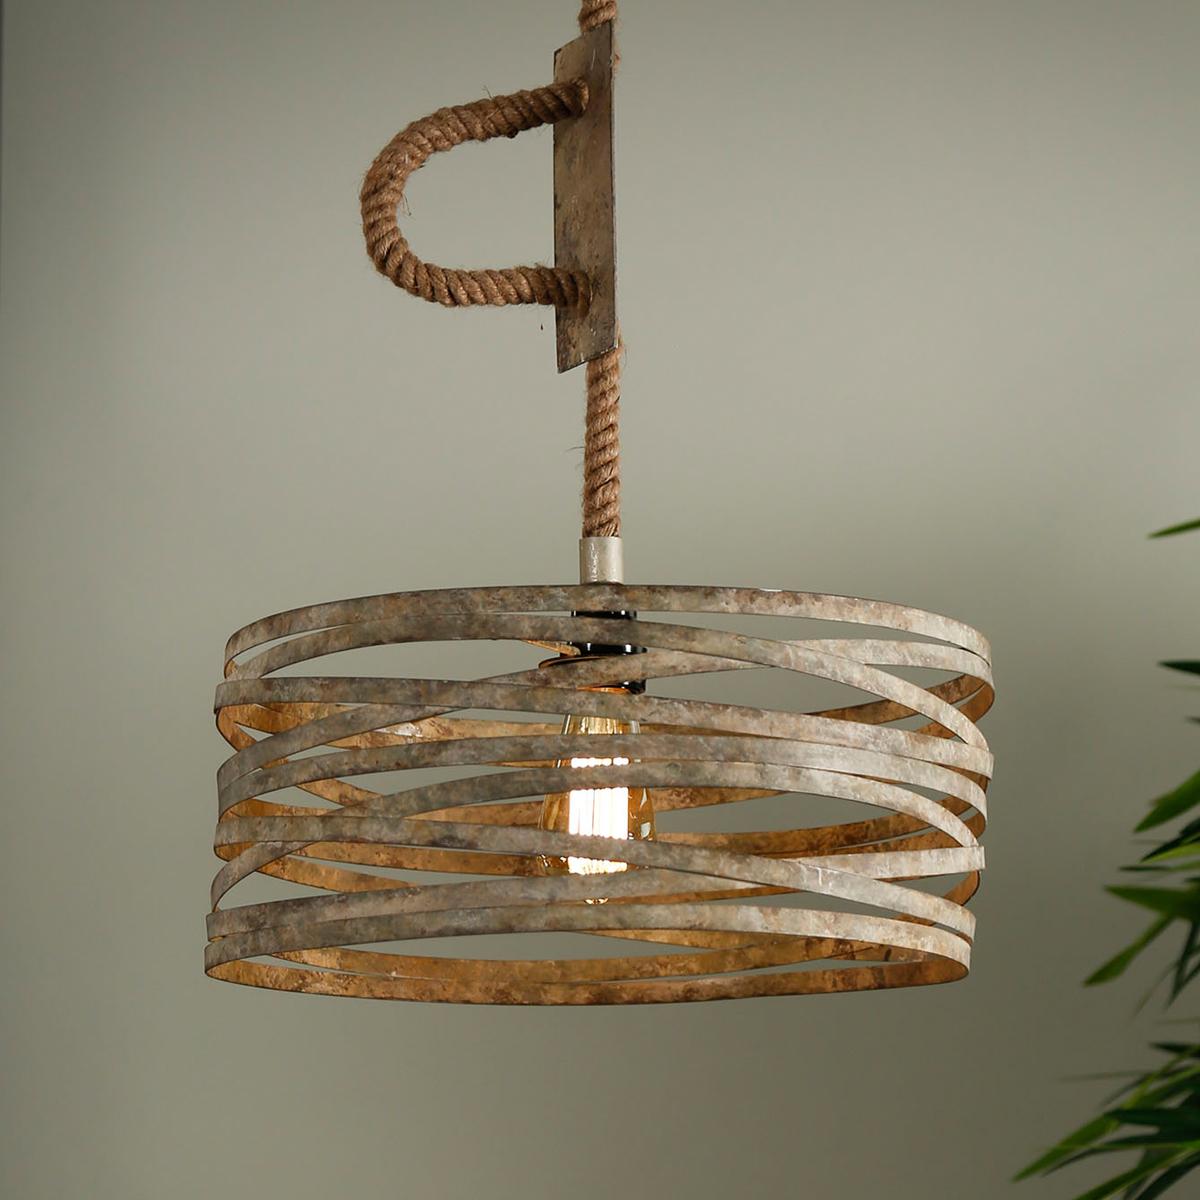 Hanglamp Met Touw.Metalen Hanglamp Aan Touw